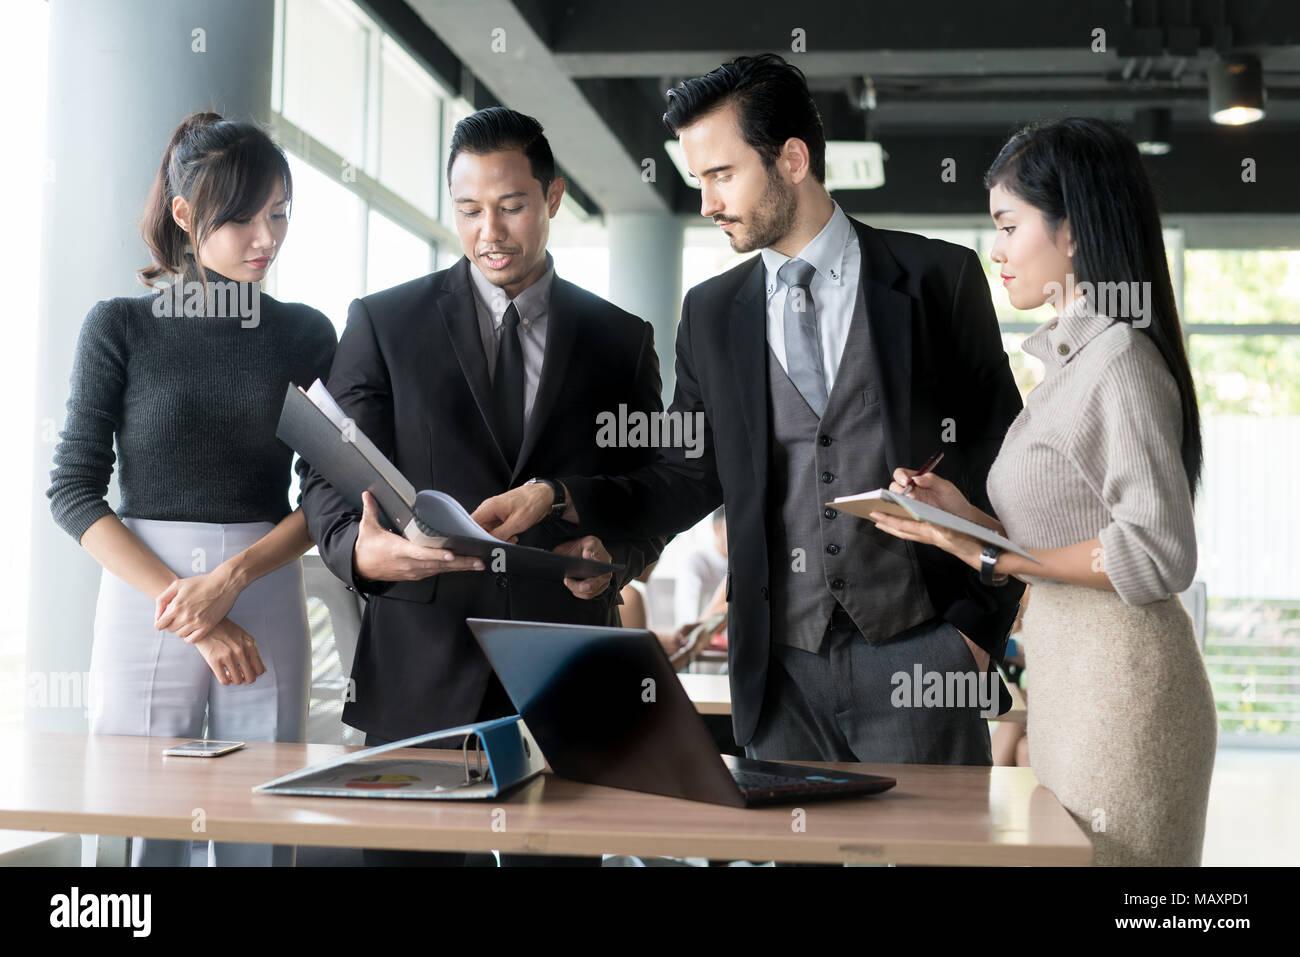 Smart Manager erklärt, internen Besprechung zu seinem Projekt Team im modernen Büro. Die multi-ethnische Geschäft Person Gruppe in Anzug. Projekt- und Business c Stockbild